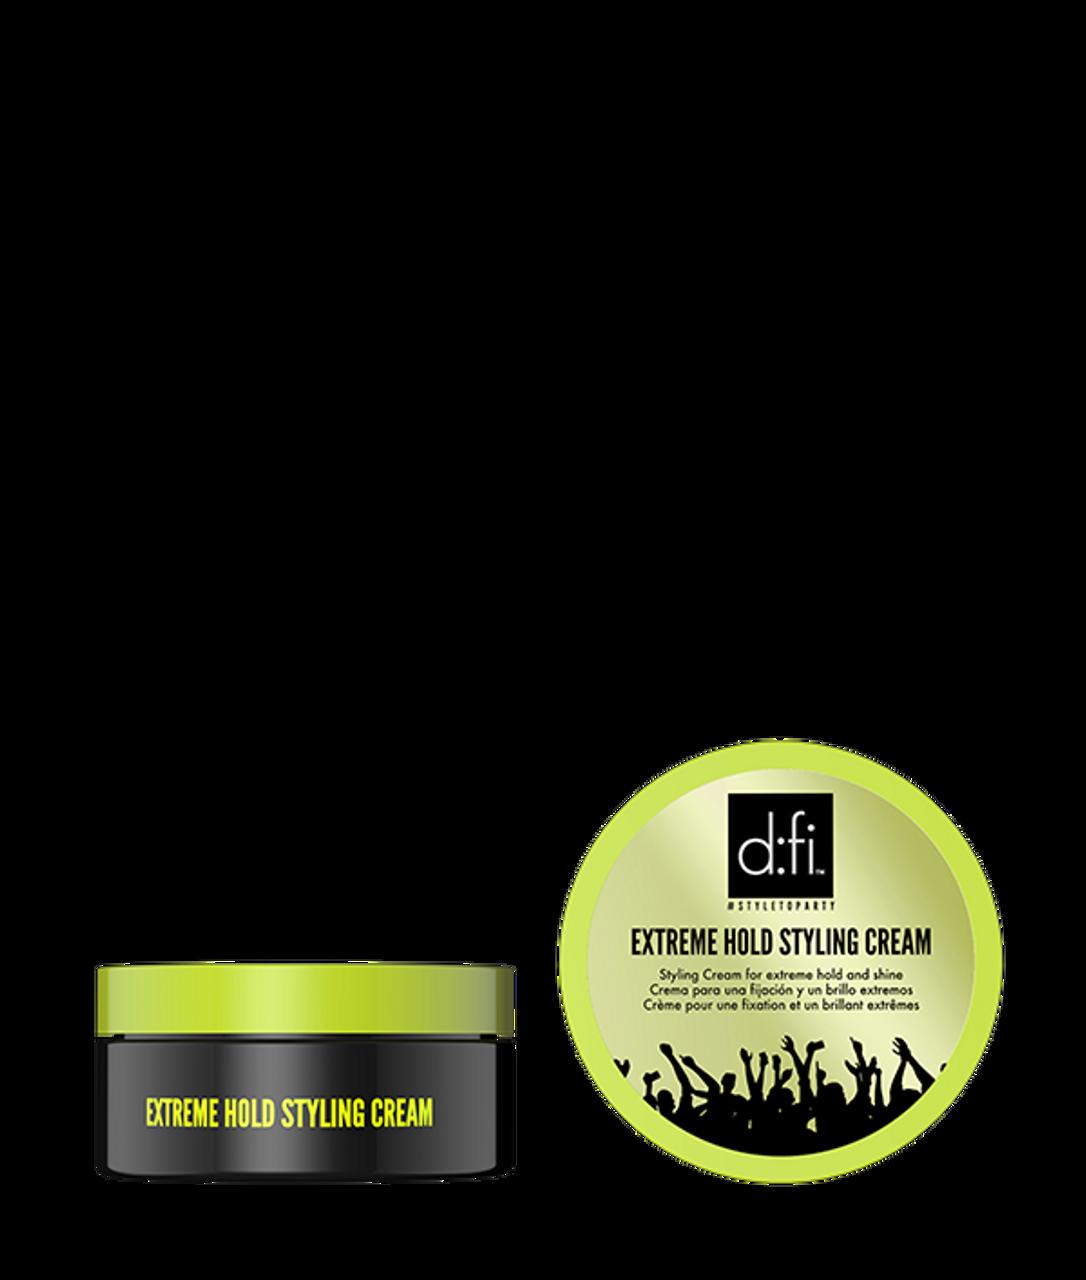 Difi Extreme Cream 2.6 oz